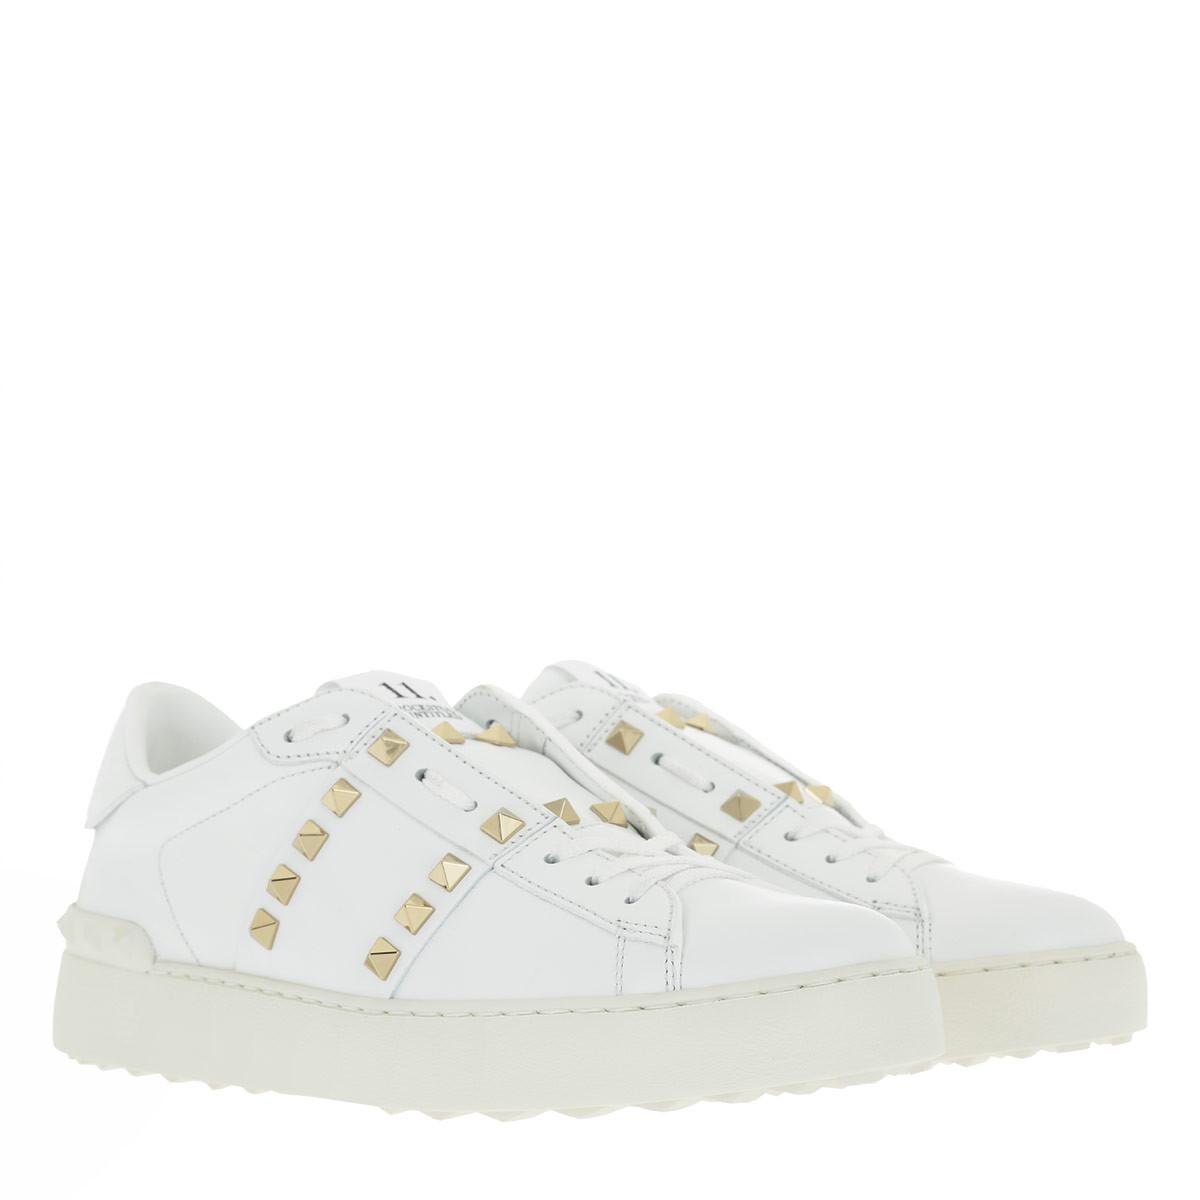 Met Creditcard Online Sneakers Zoeken Naar Kopen Goedkope Top Kwaliteit WN6iQQVE